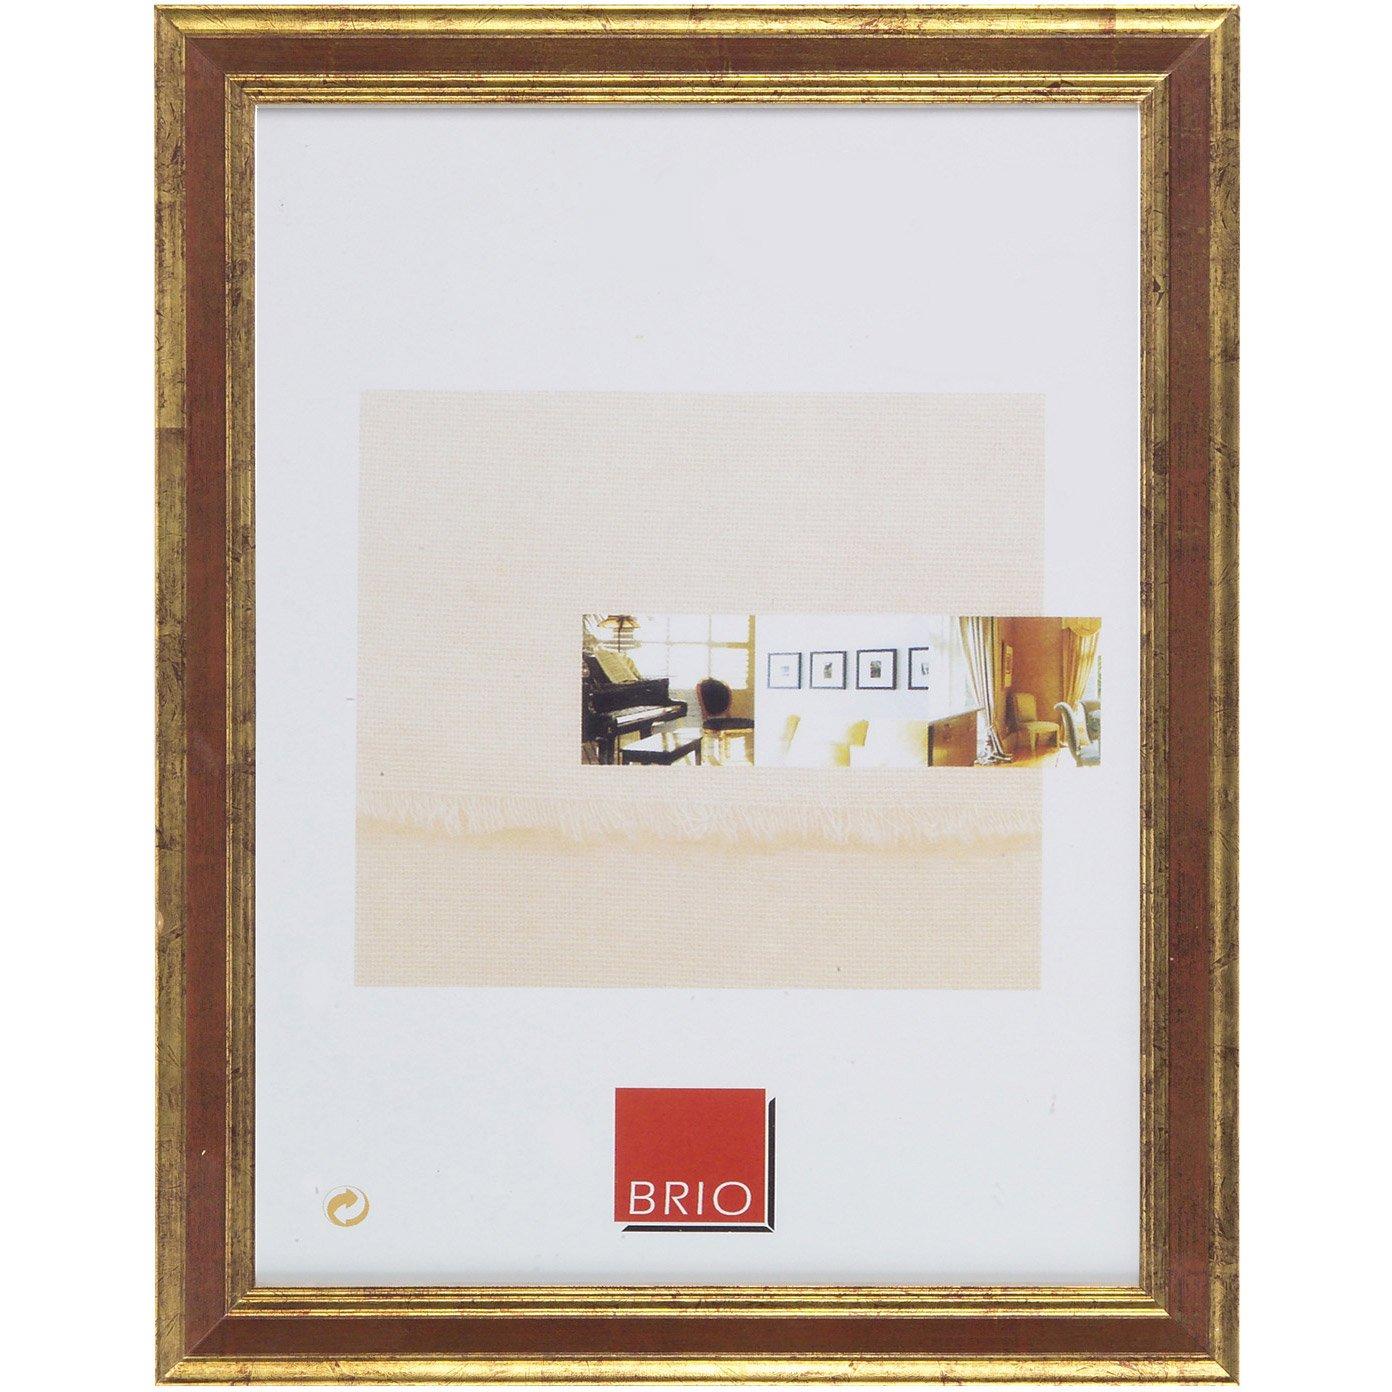 cadre ga a 40 x 50 cm ocre leroy merlin. Black Bedroom Furniture Sets. Home Design Ideas